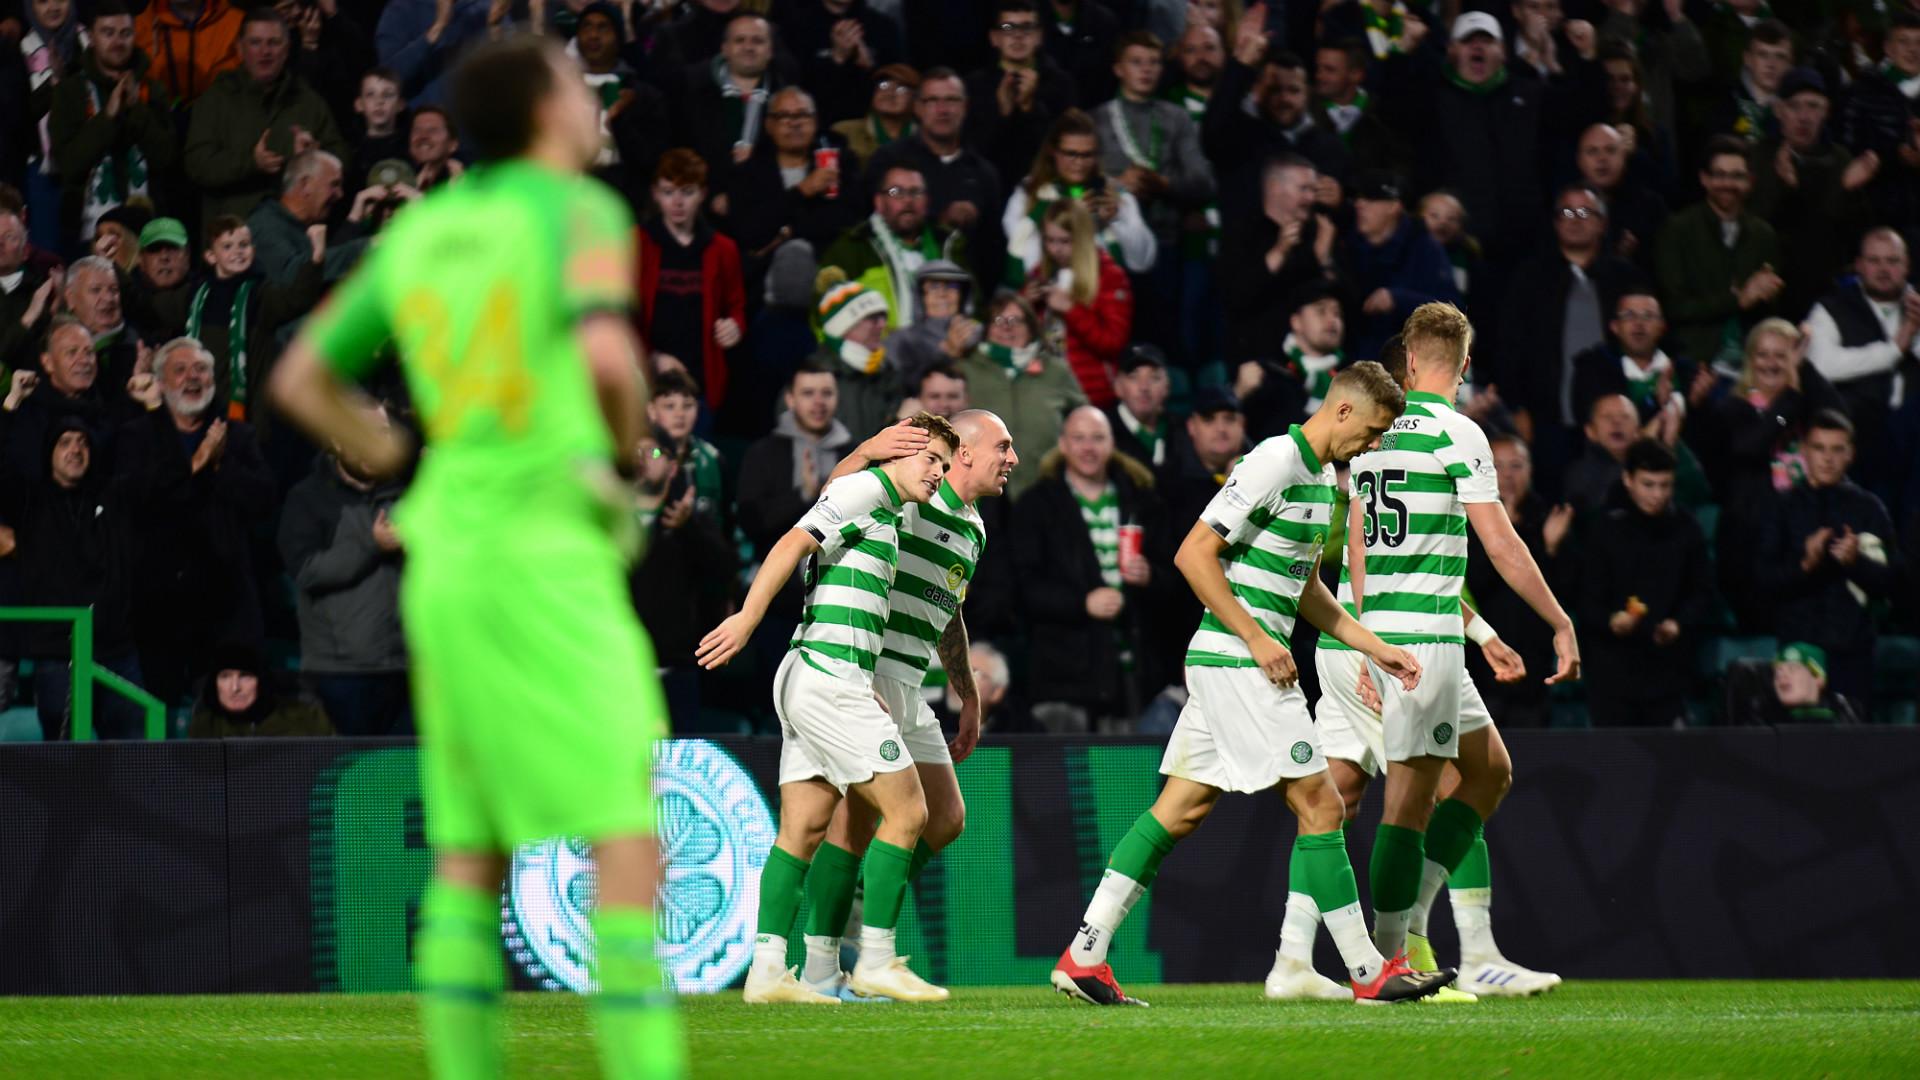 James Forrest Celtic 2019-20